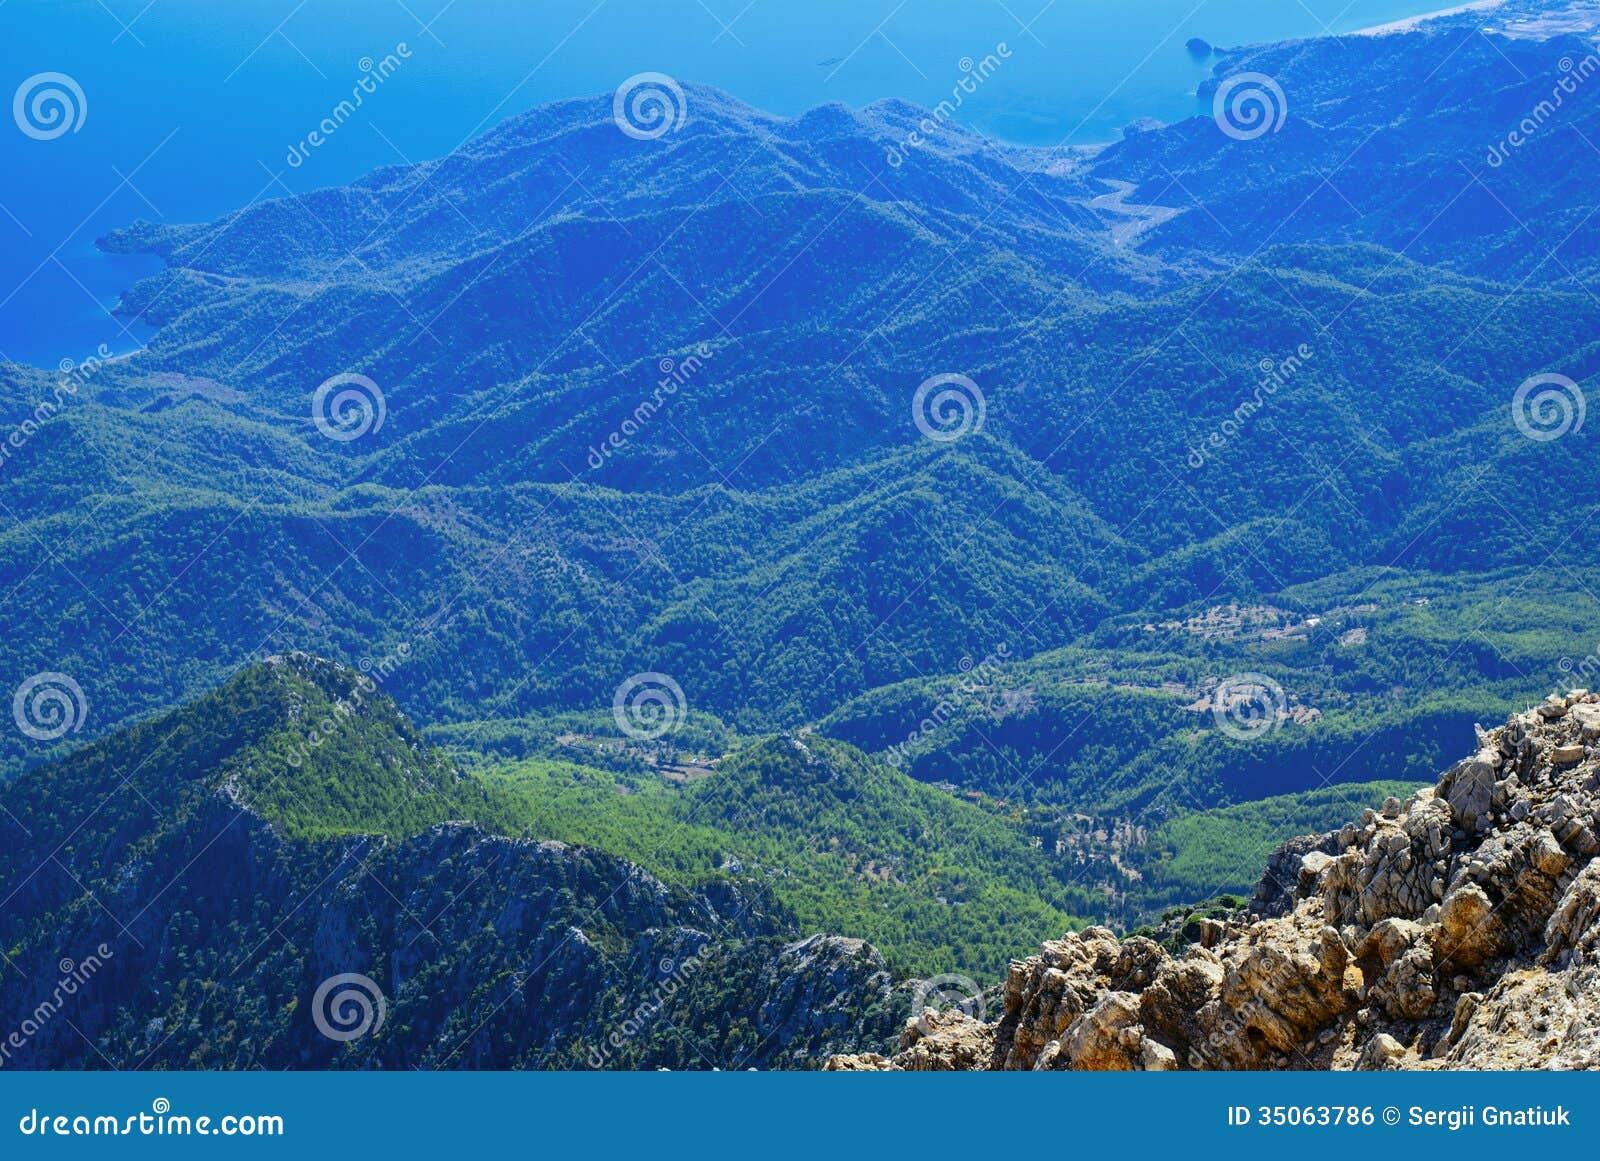 View of a beautiful green mountain range